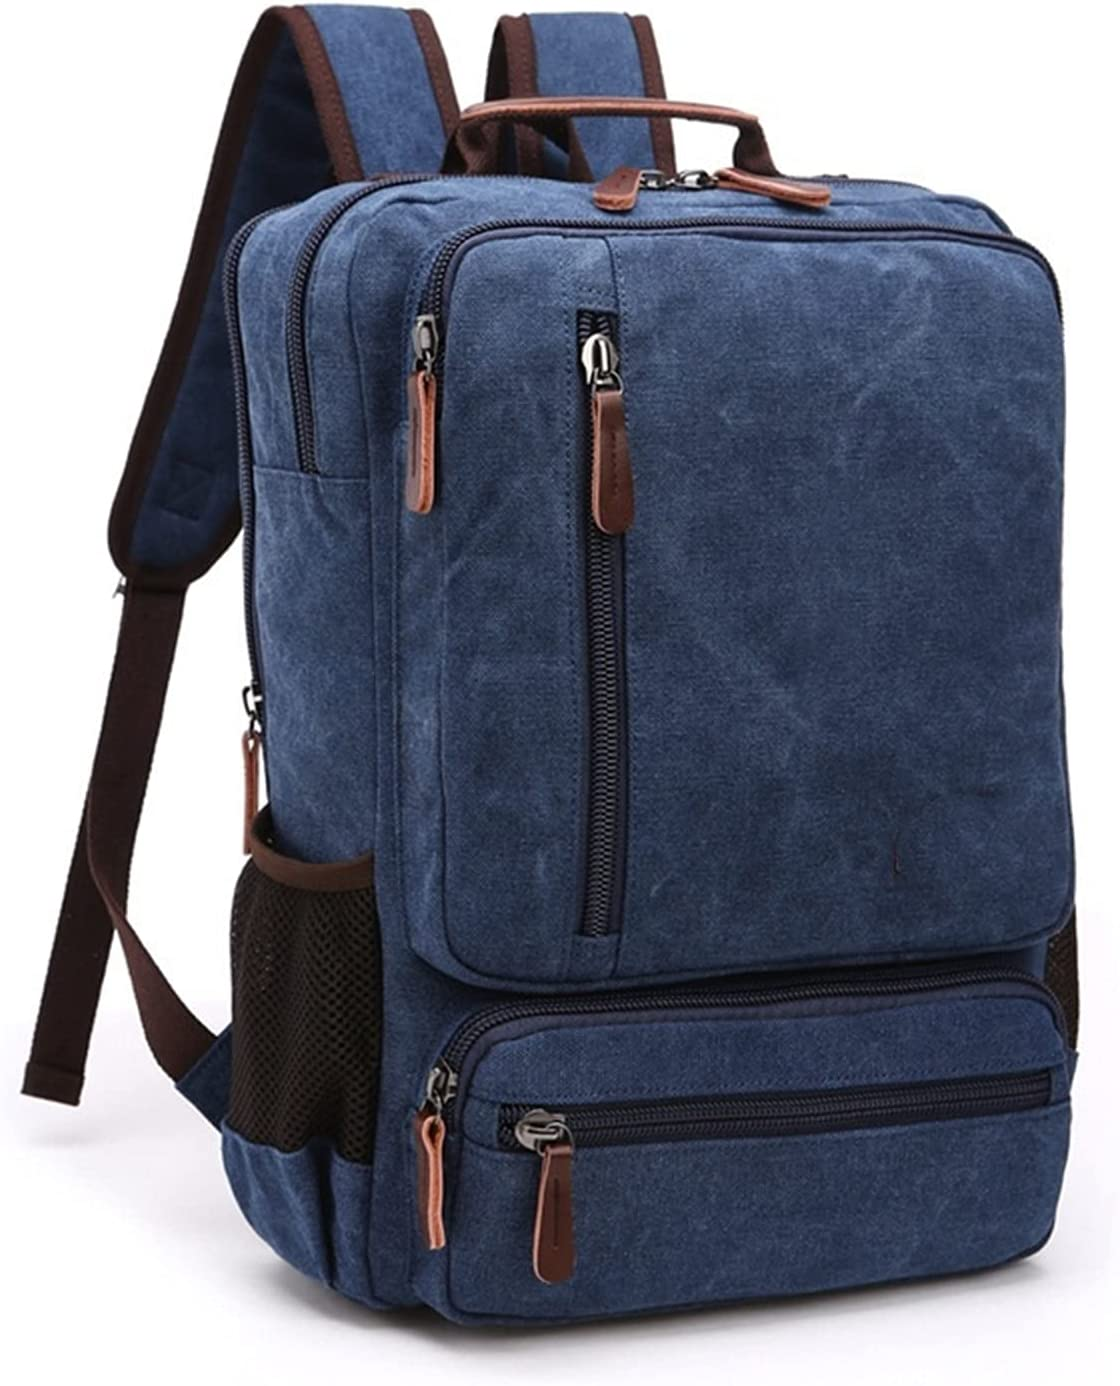 ENHONGDZ Vintage Canvas Backpack Men specialty Inventory cleanup selling sale shop Shoul Large Capacity Travel